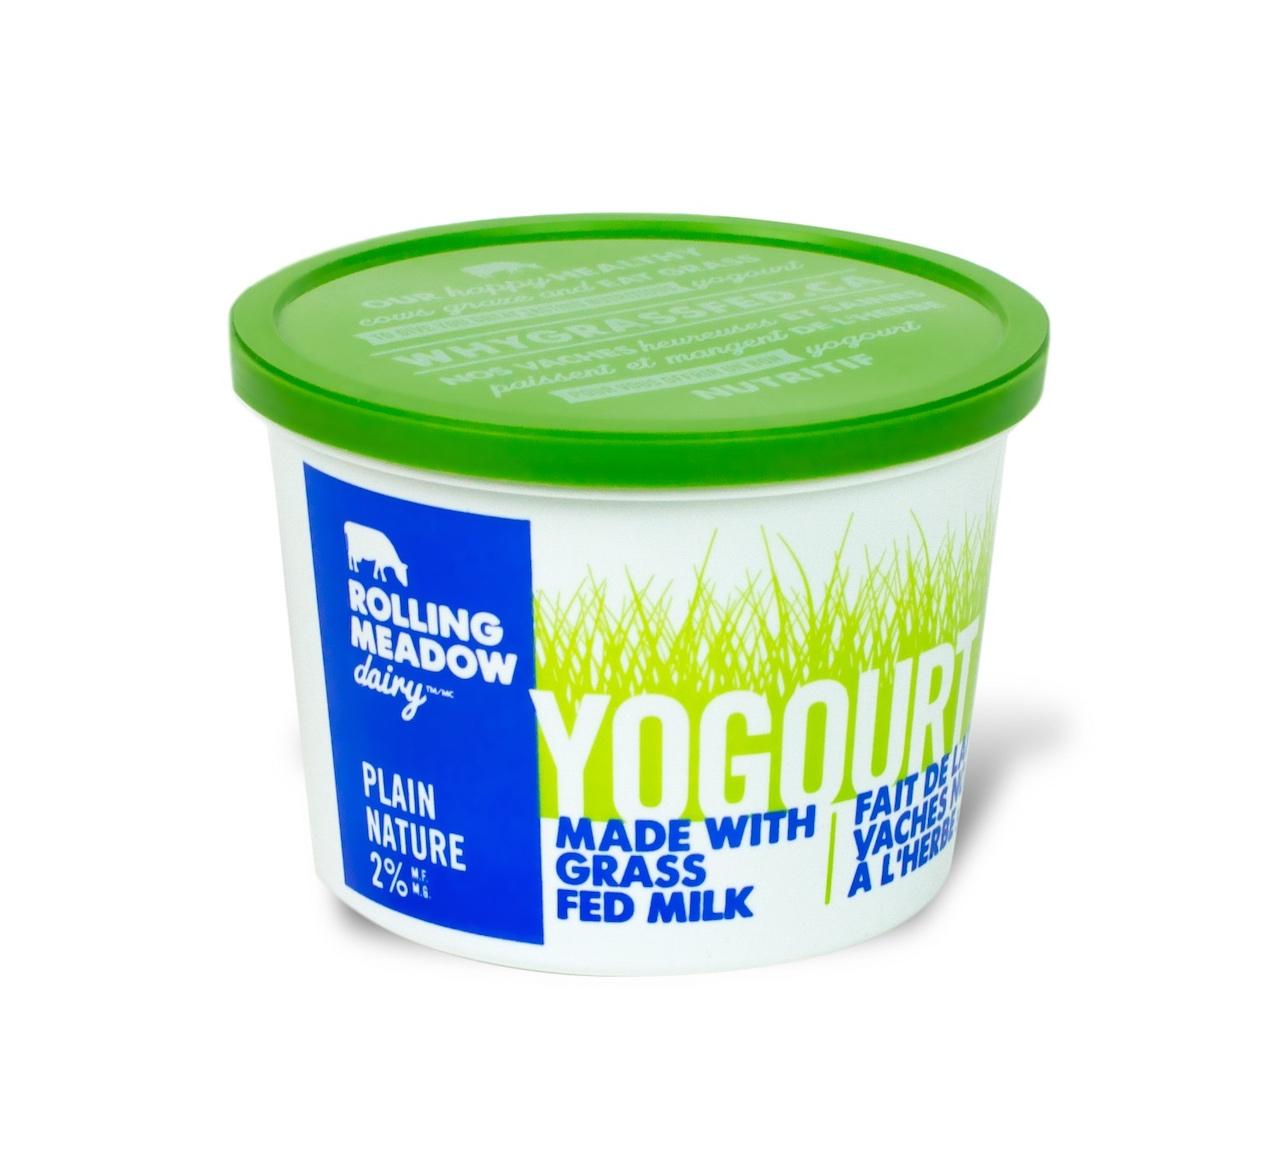 2% Plain Yogourt